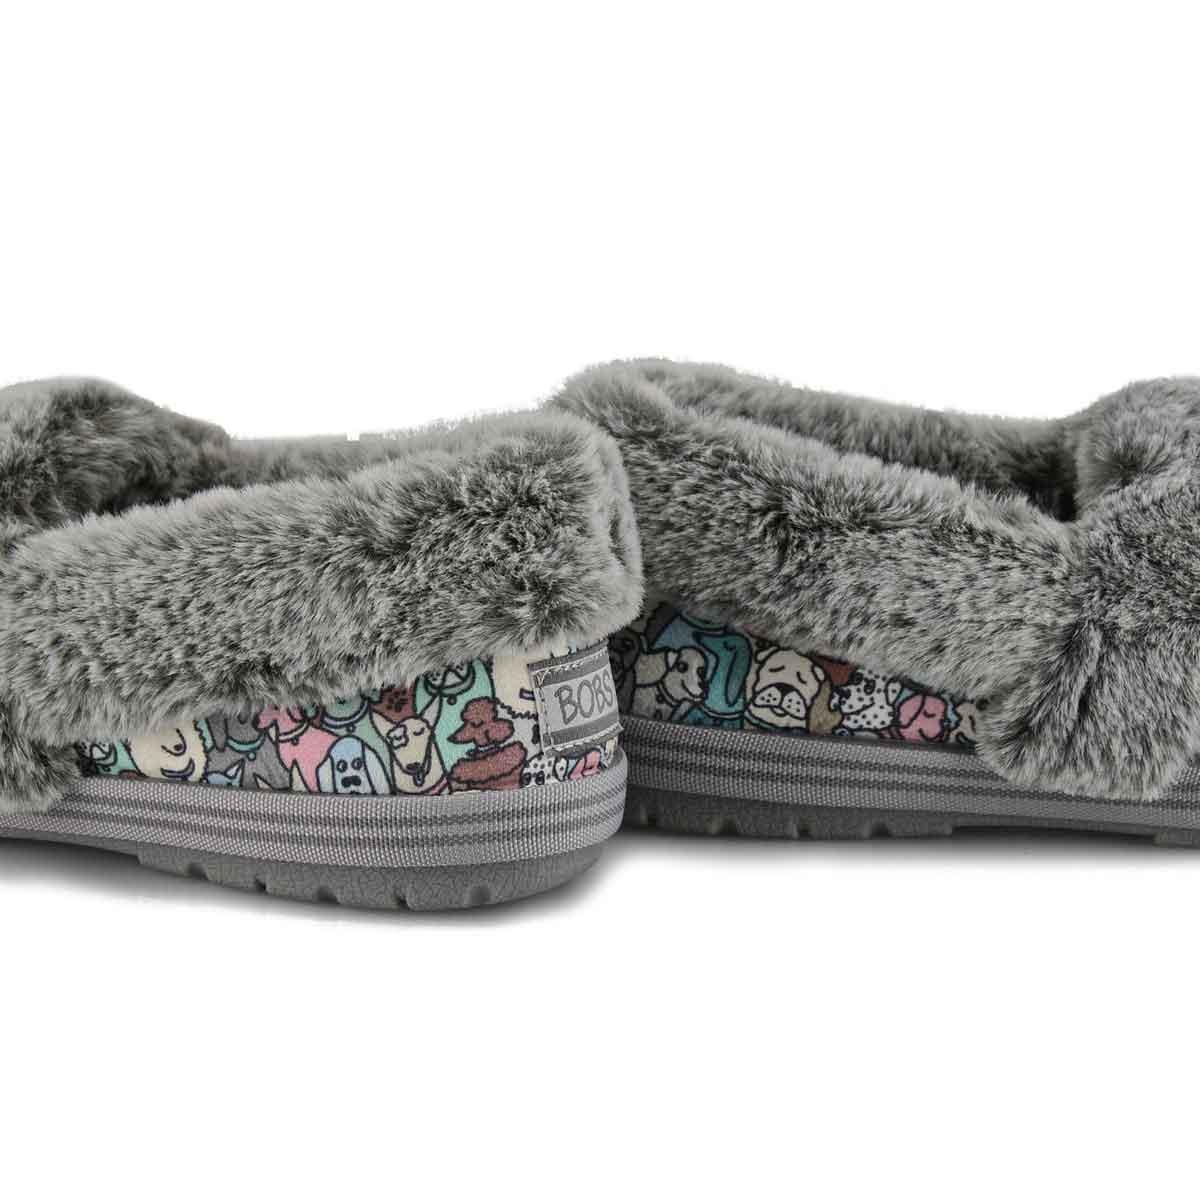 Women's Bobs Too Cozy Pooch Parade Shoe- Grey Mult